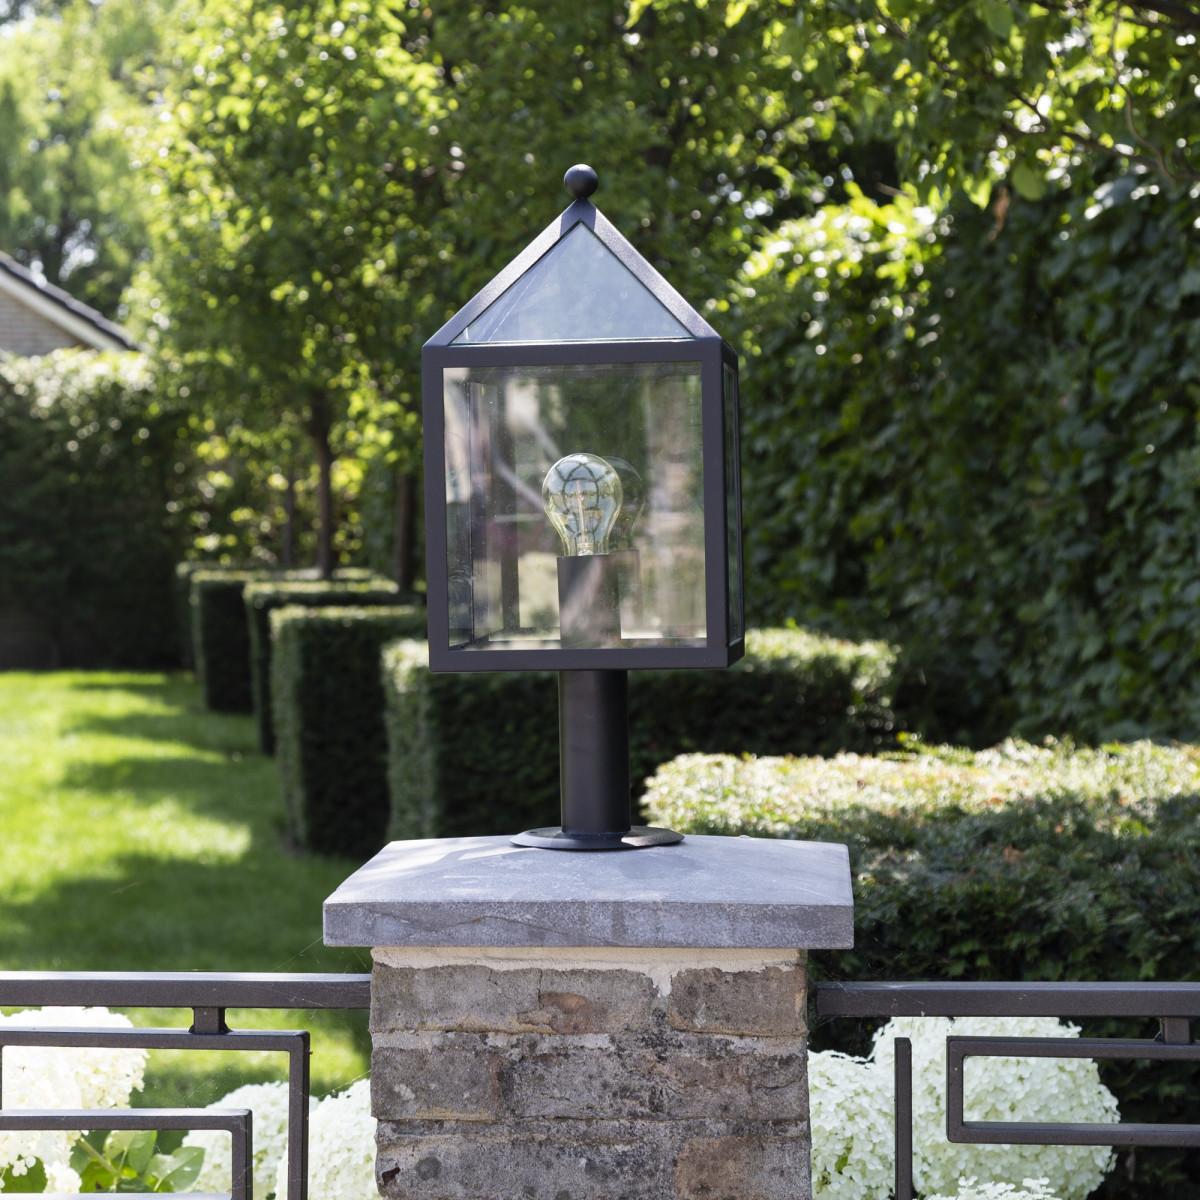 Bloemendaal Sockelleuchte schwarzer Pulverbeschichtung versehenem Edelstahl Gartenleuchte für klassische als auch für moderne Architektur und Gärten